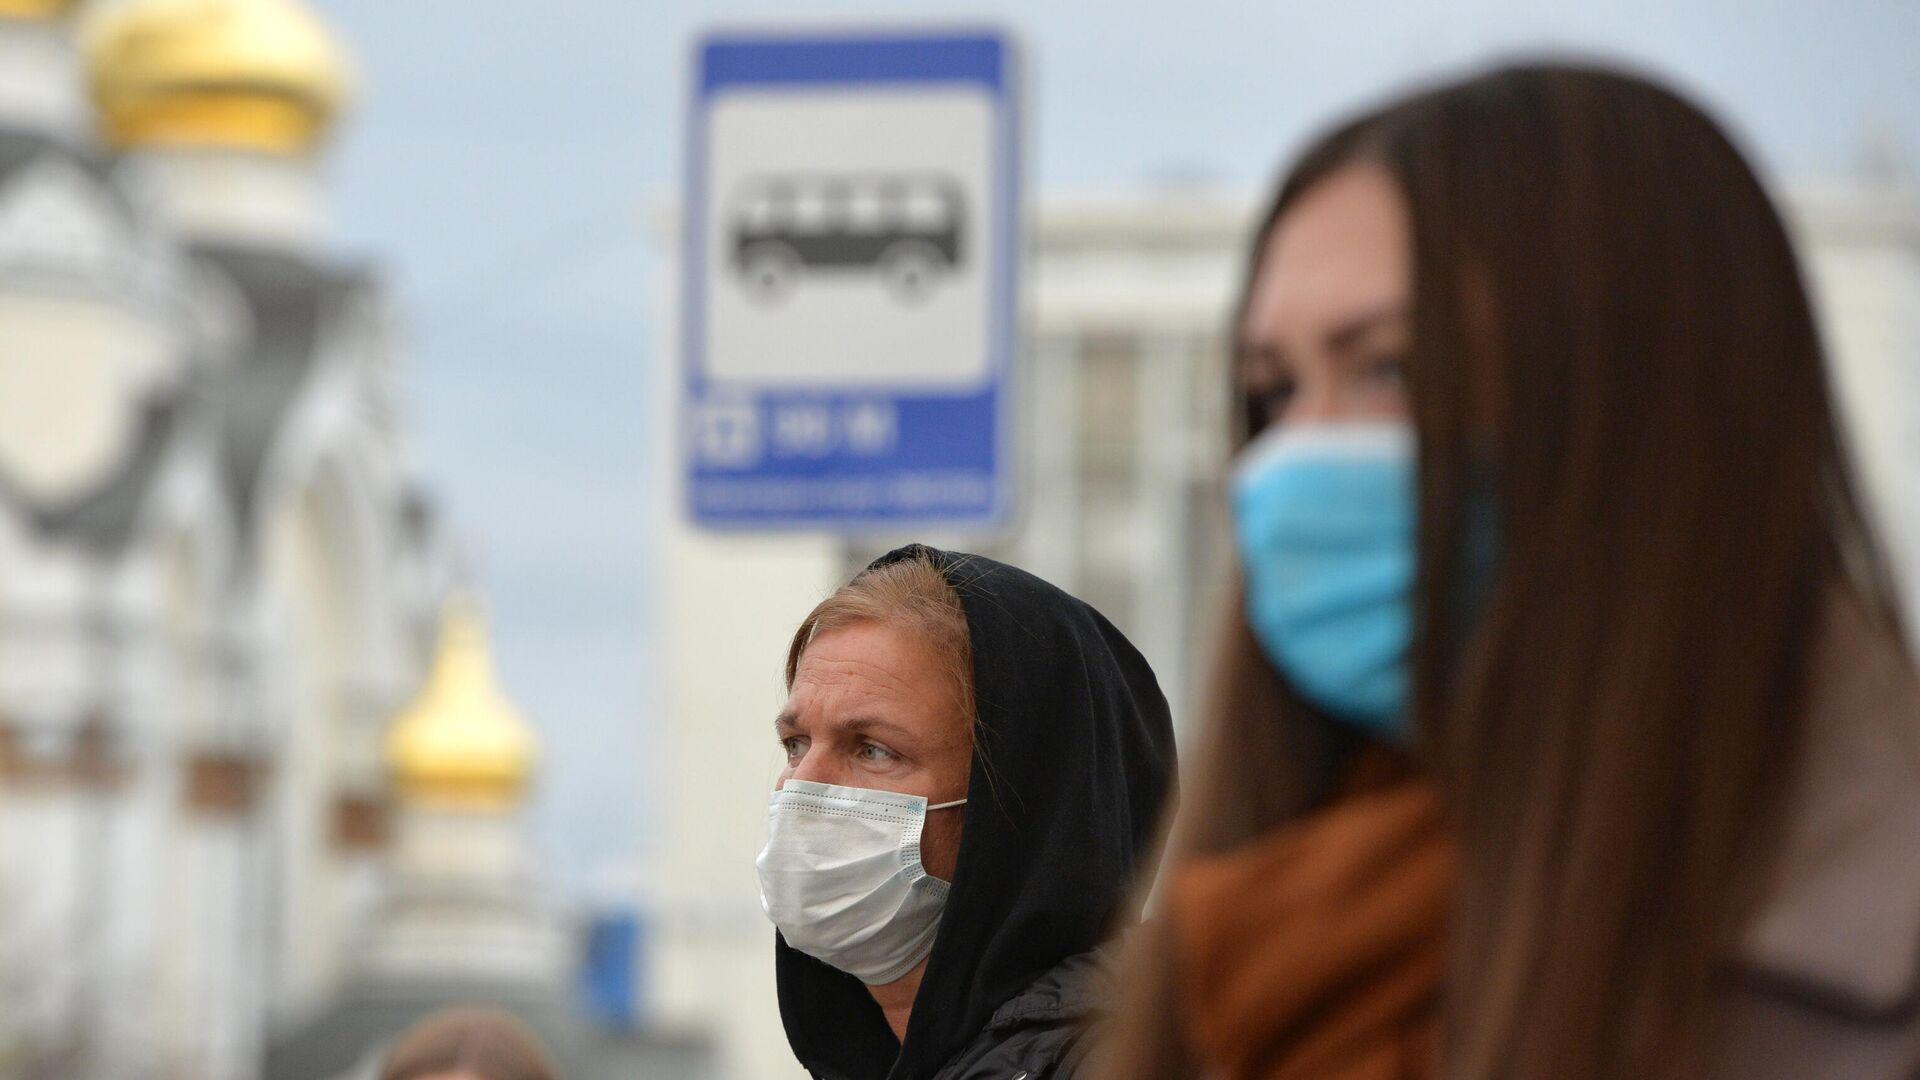 Люди в защитных масках на остановке общественного транспорта в Екатеринбурге - РИА Новости, 1920, 23.10.2020